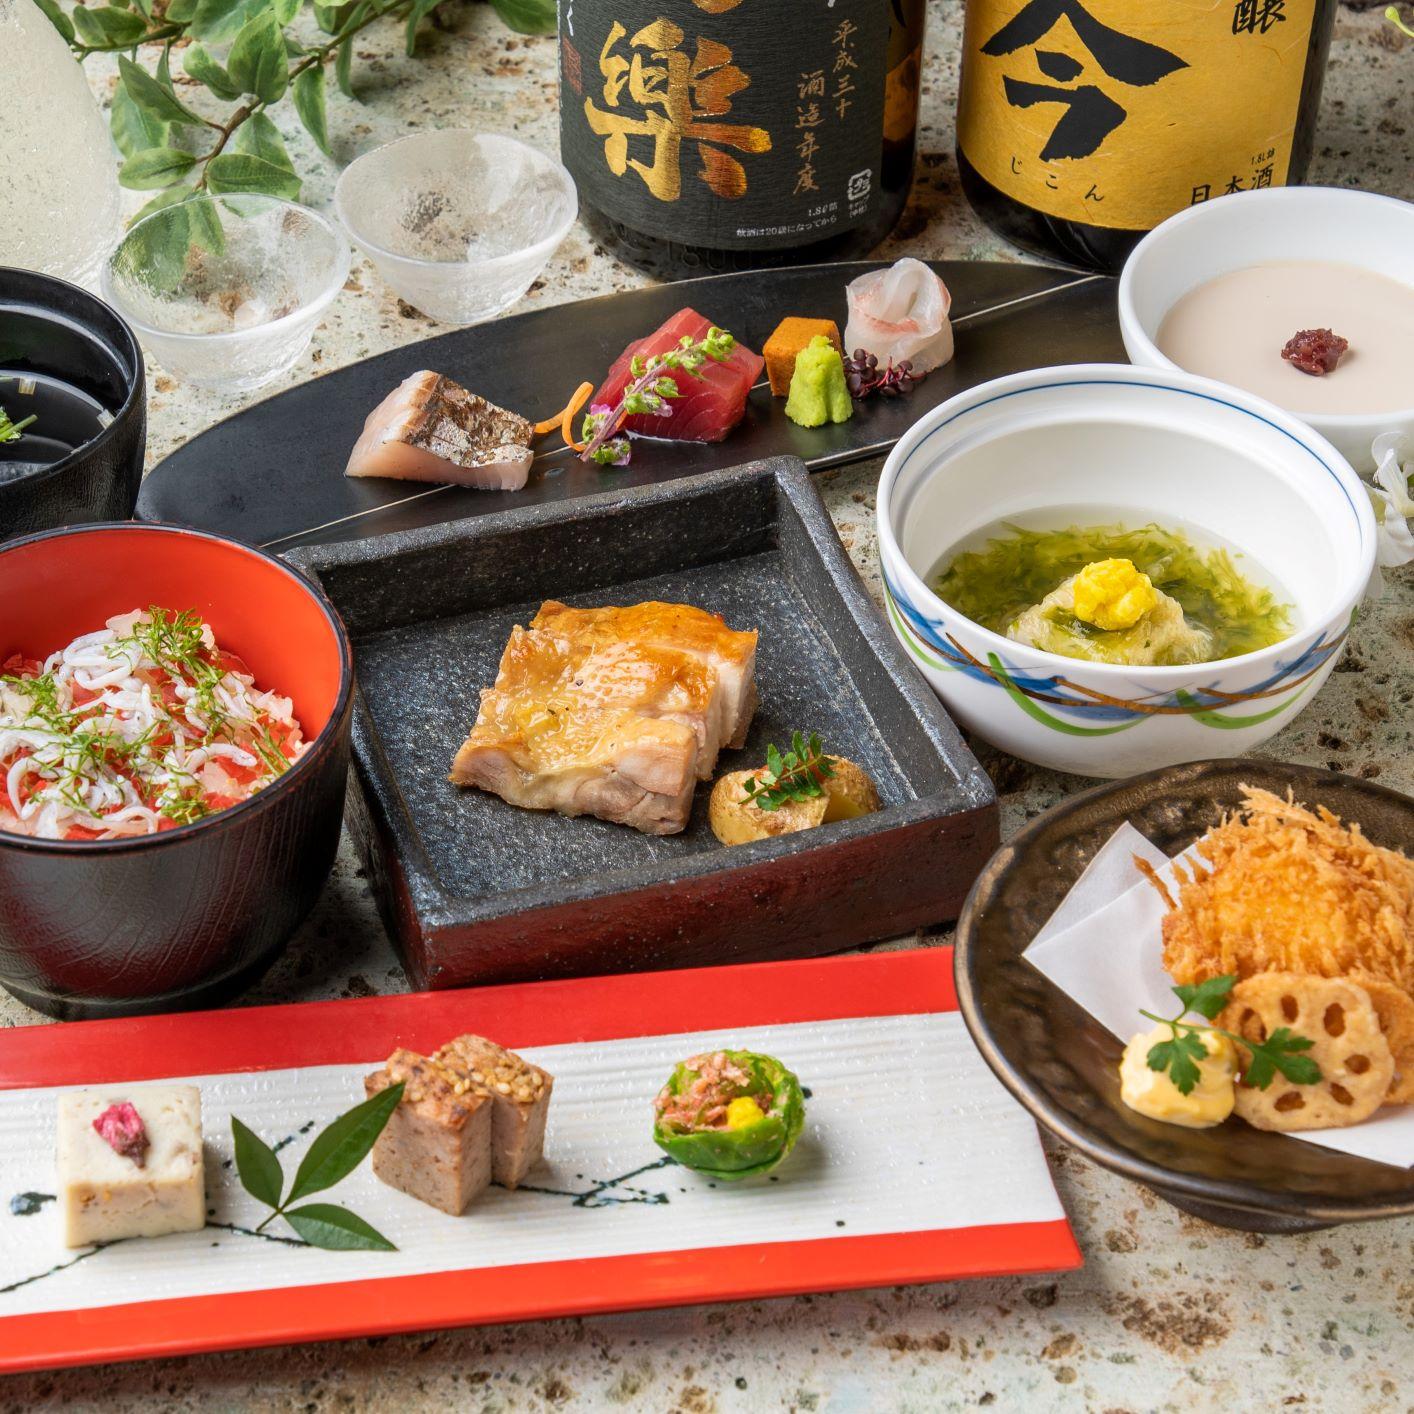 [お料理のみ] つくば鶏と旬魚旬菜の厳選会席8品